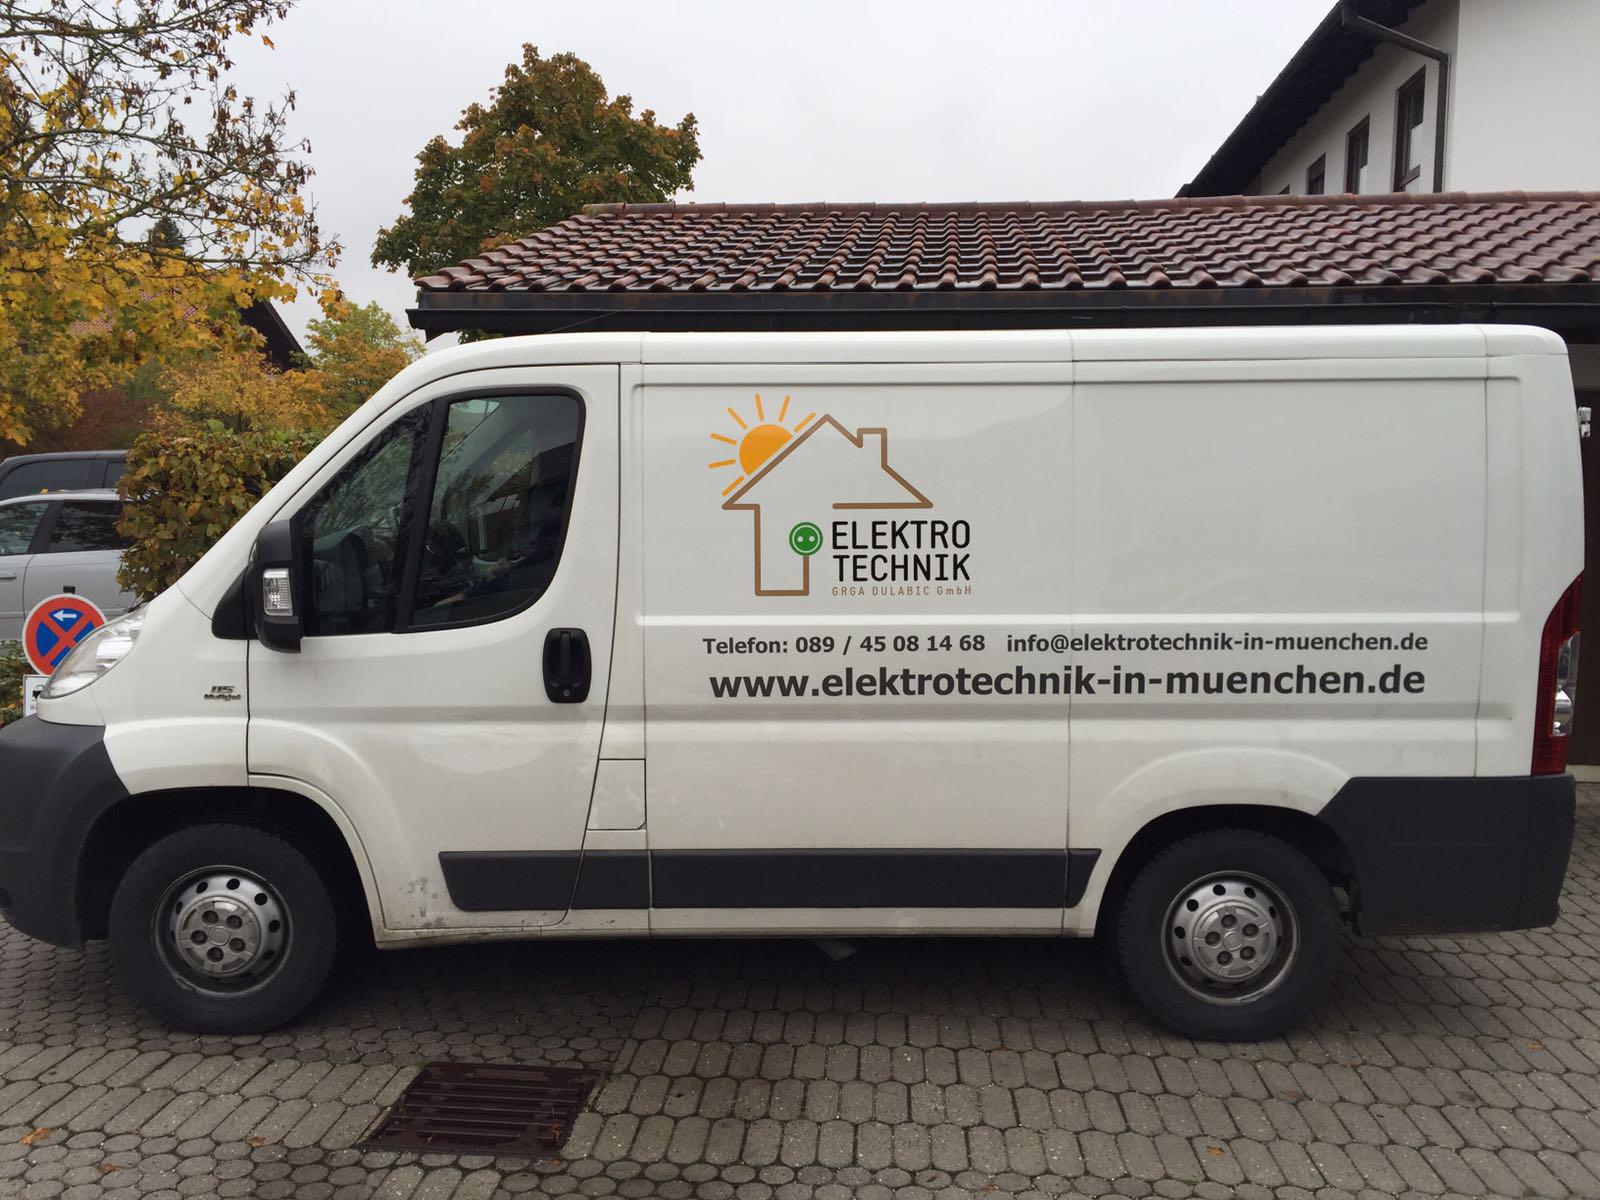 Autobeschriftung_Folie_Beklebung_Branding_Ingolstadt_1